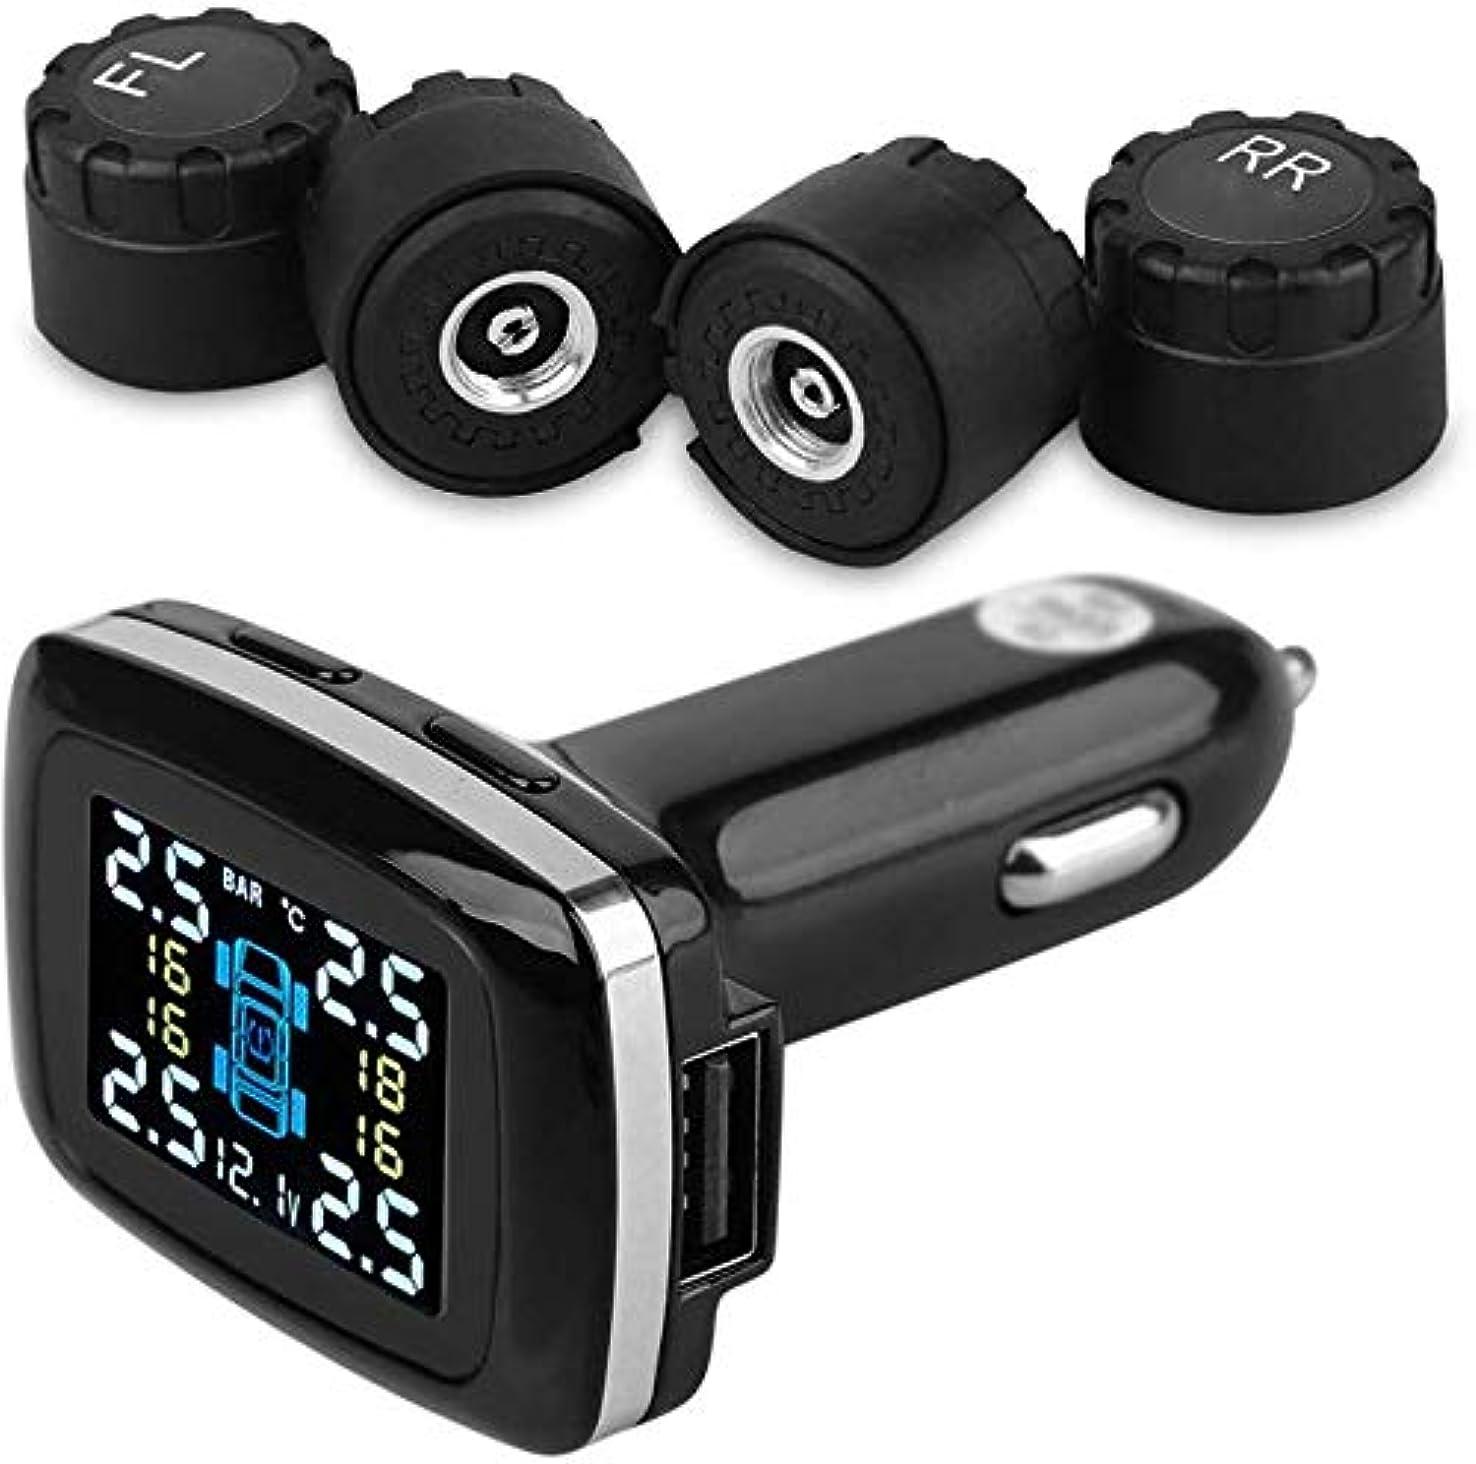 電極テーマ広げるポータブルエアコンプレッサー USBワイヤレスシガーライターリアルタイム液晶車のタイヤの圧力計、メーター、オートバイの車SUVのために使用されるTPMSタイヤ検出器を監視するタイヤ空気圧 (Color : -, Size : -)